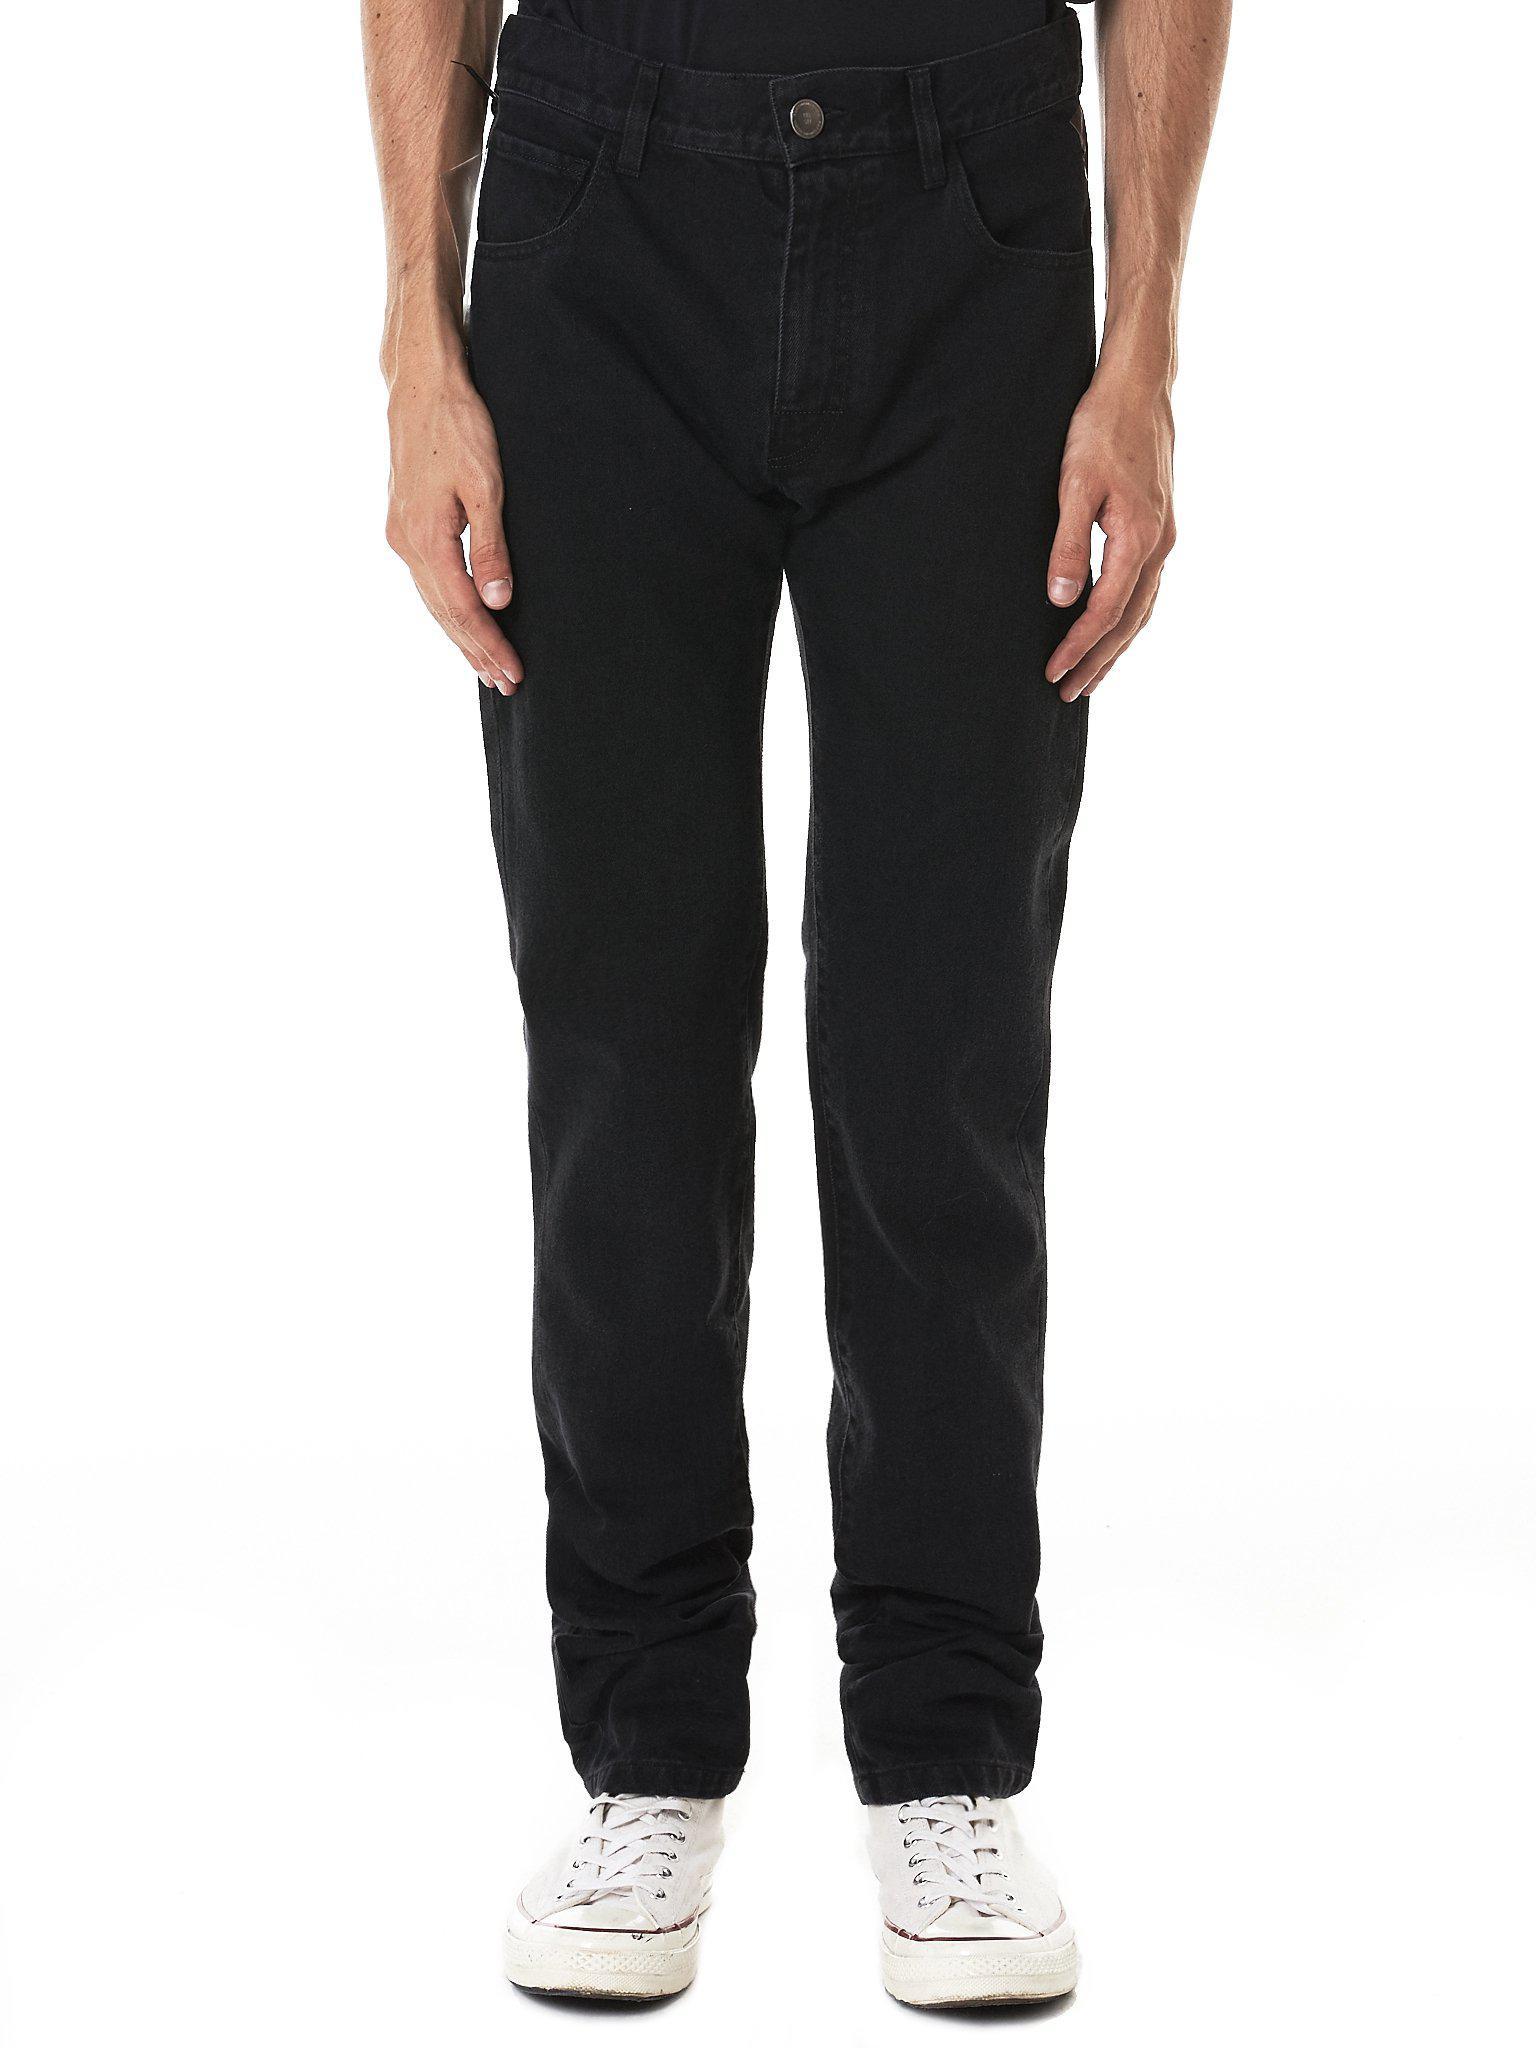 Pantalons - Pantalons Raf De Simons 48jtCp6U